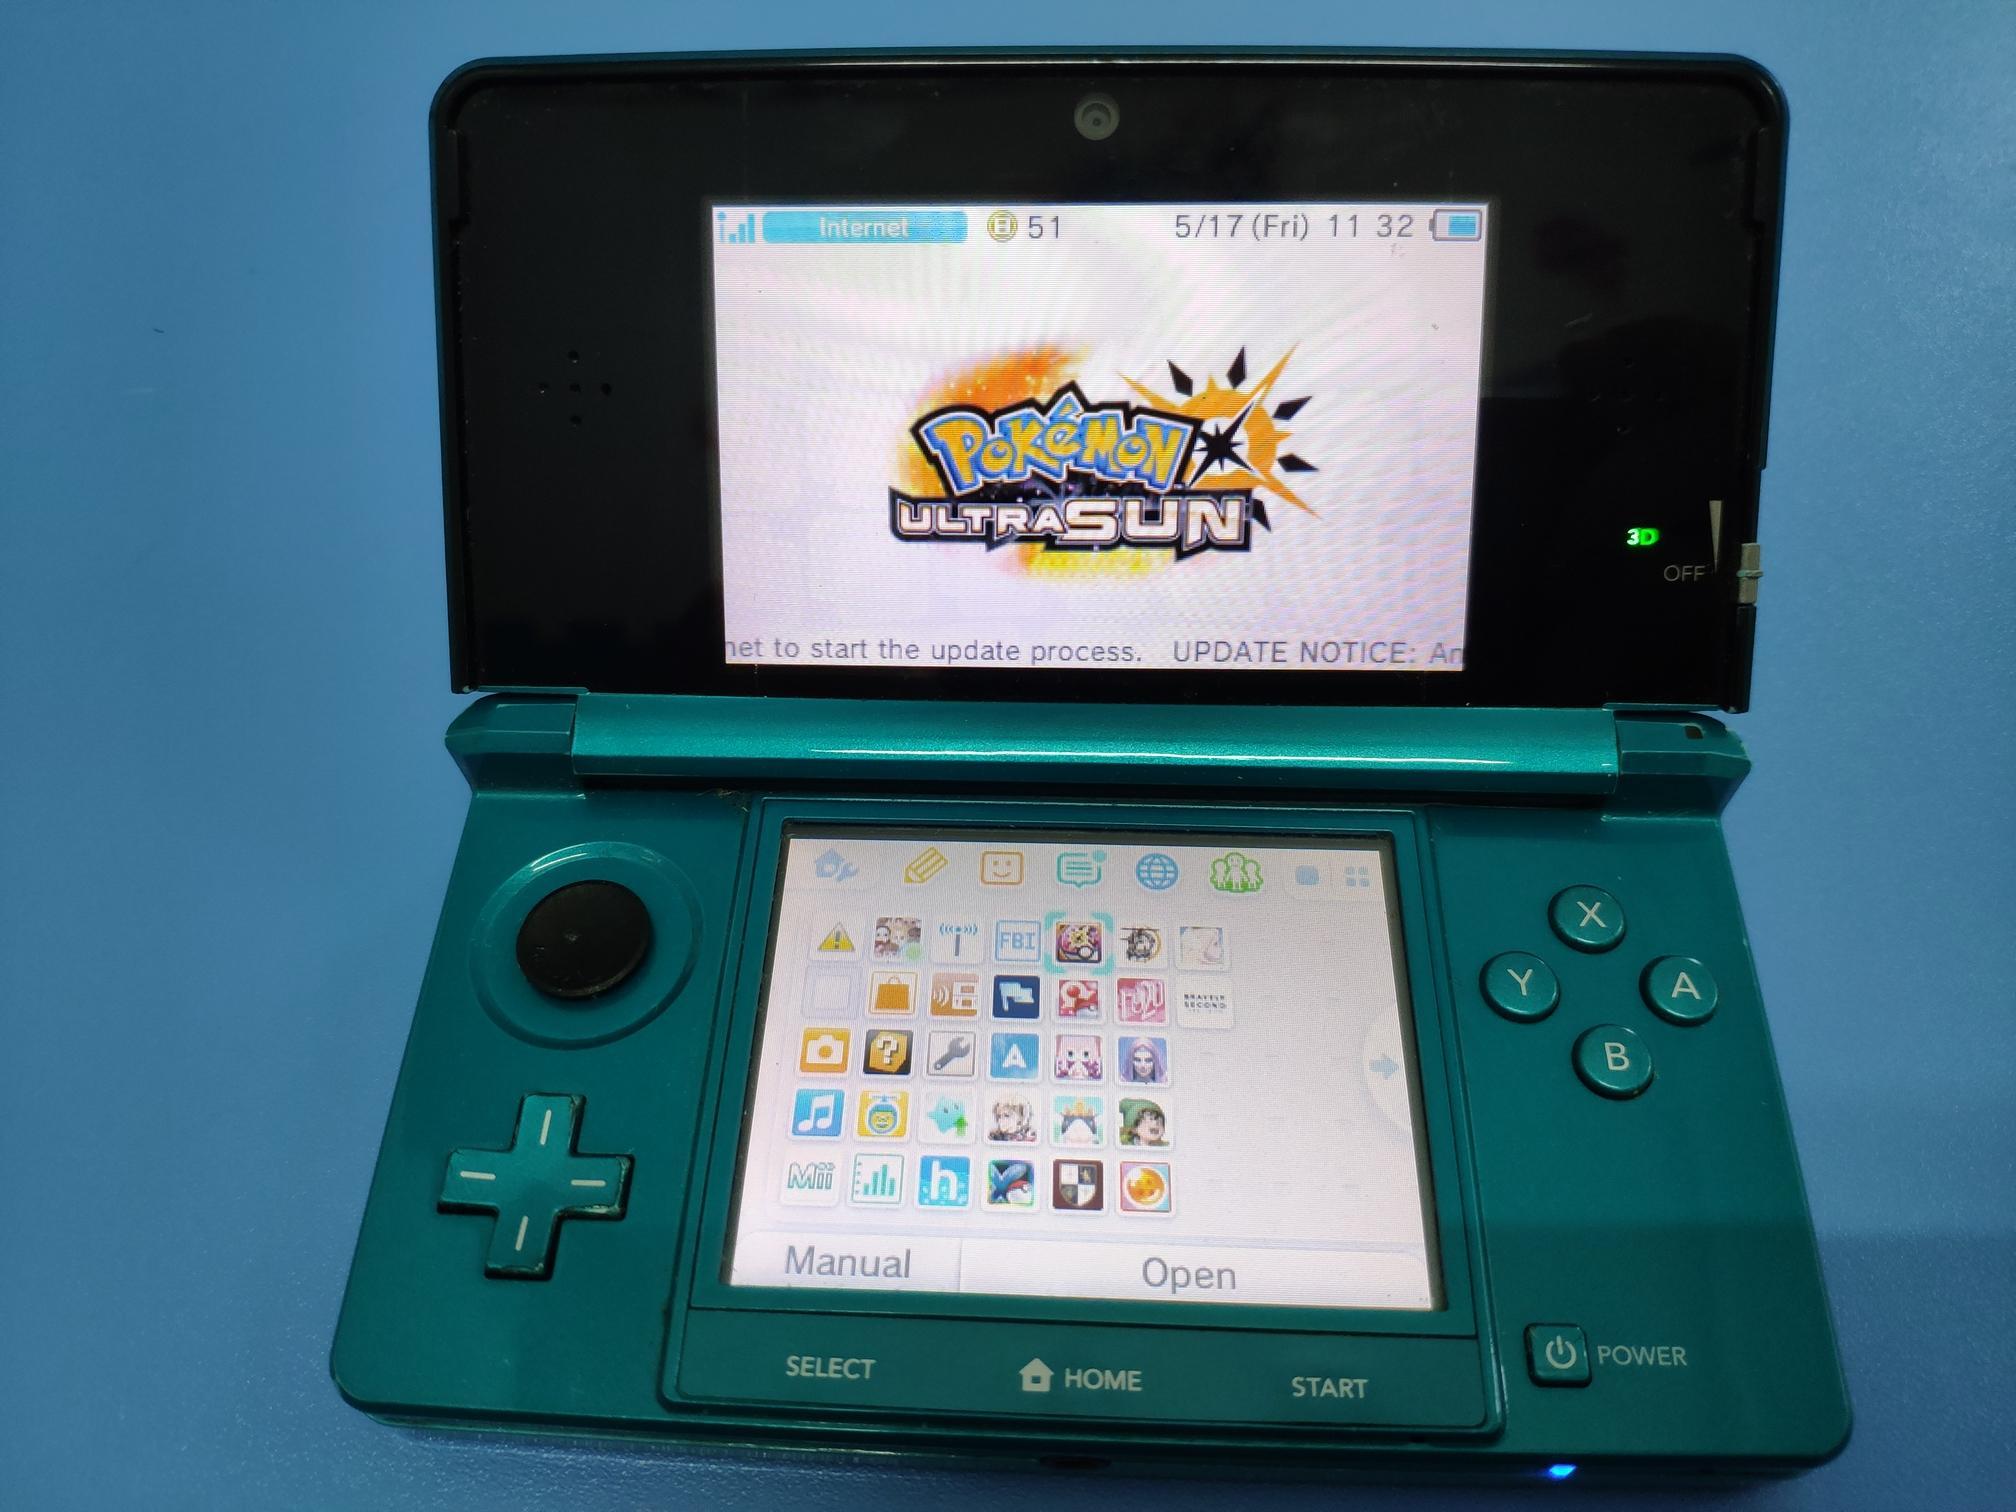 Máy chơi game Nintendo old 3DS hàng nội địa Nhật mã Japan - Tặng kèm thẻ nhớ 32GB Teamgroup chép full game vô cùng hấp dẫn Nhật Bản